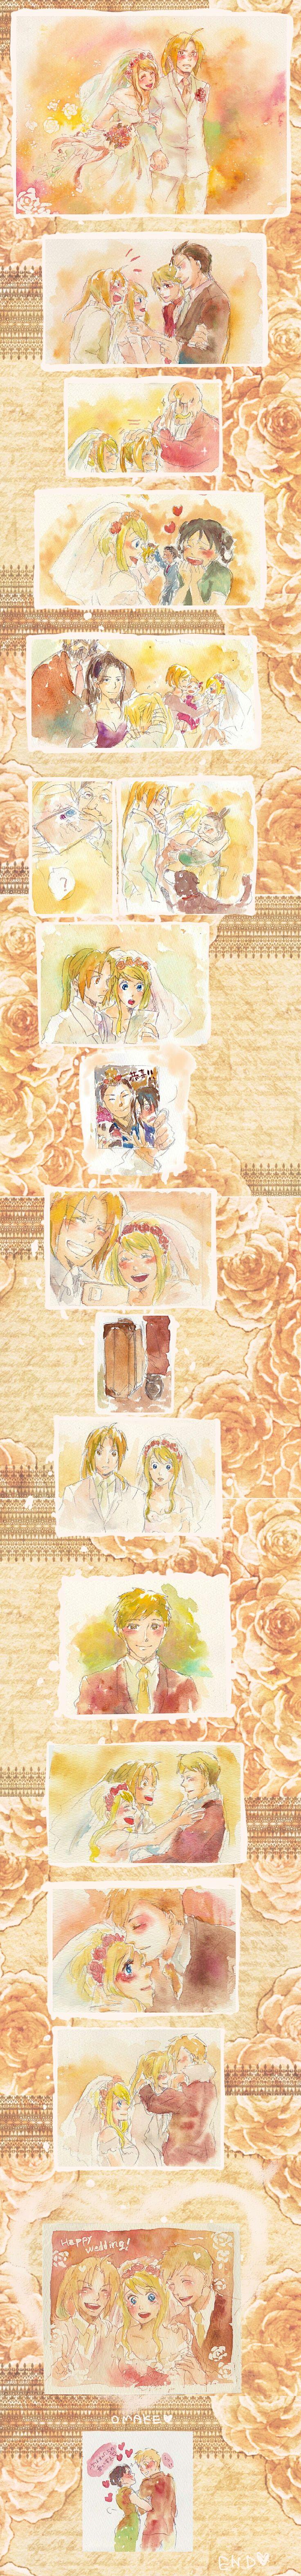 /Fullmetal Alchemist/#565917 - Zerochan